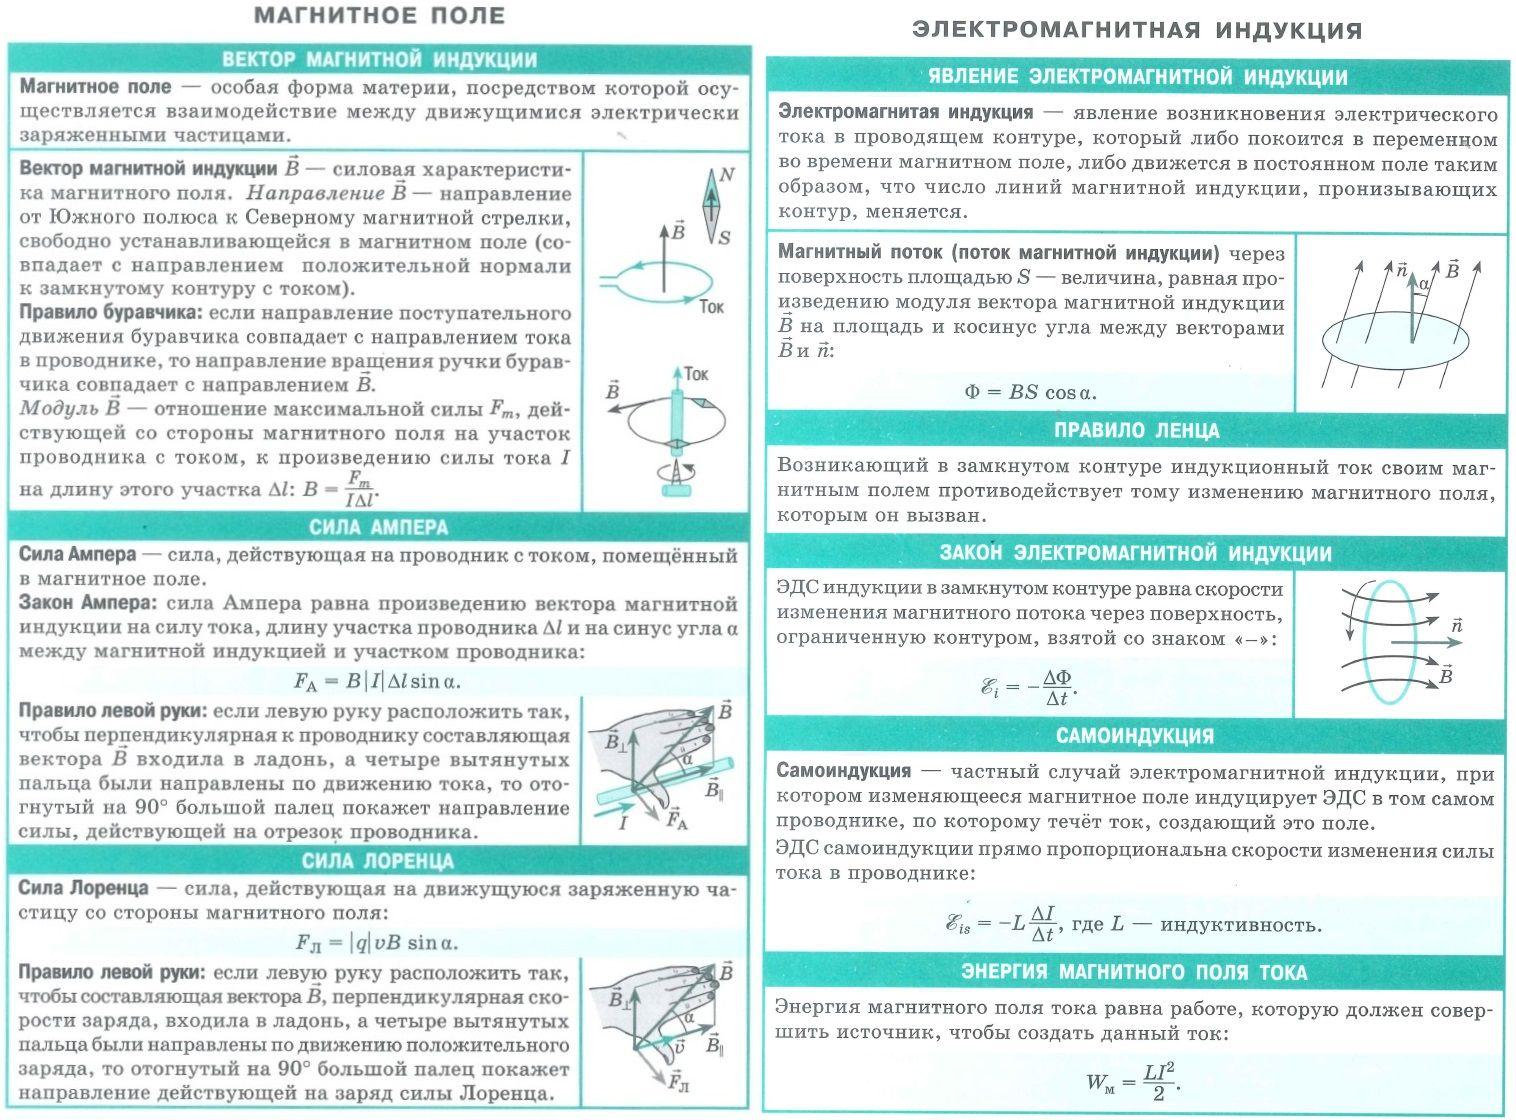 6.1.4. магнитный поток и потокосцепление